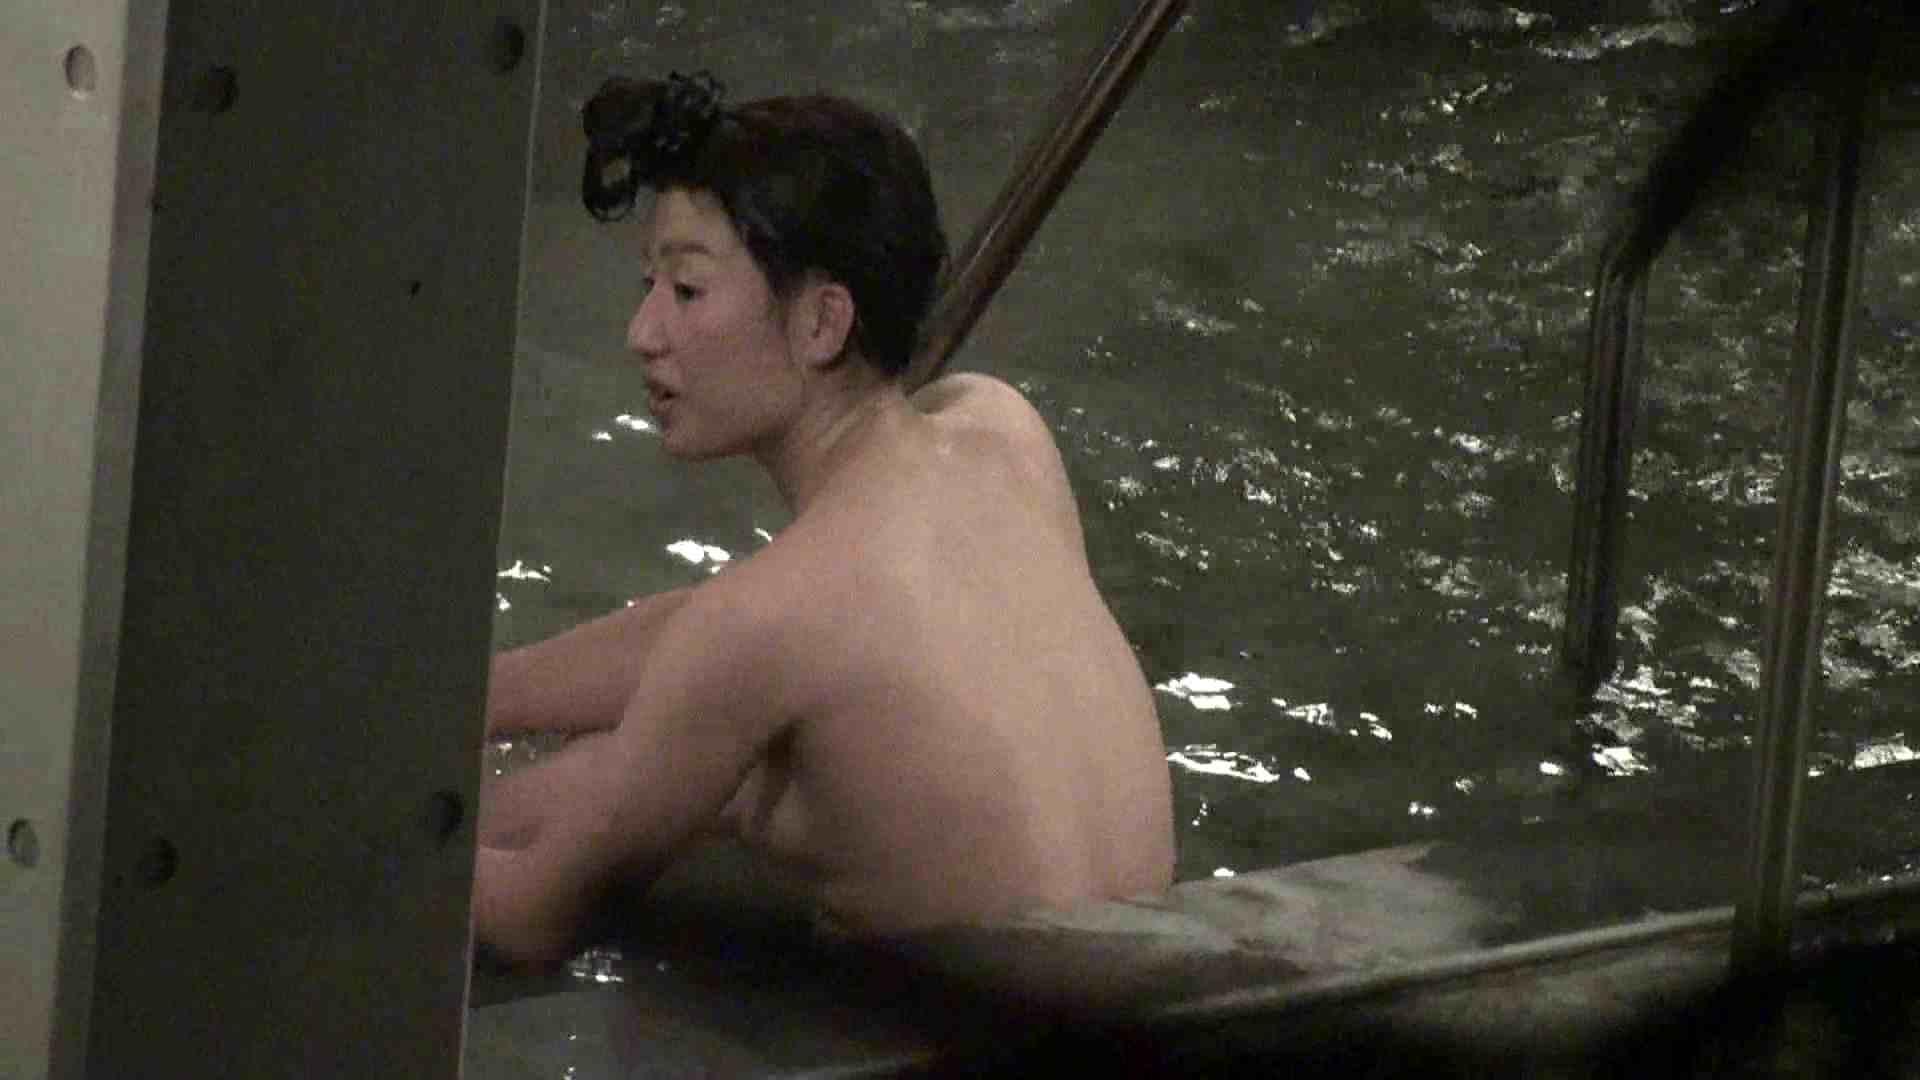 Aquaな露天風呂Vol.398 OLのエロ生活 盗み撮り動画キャプチャ 59連発 29